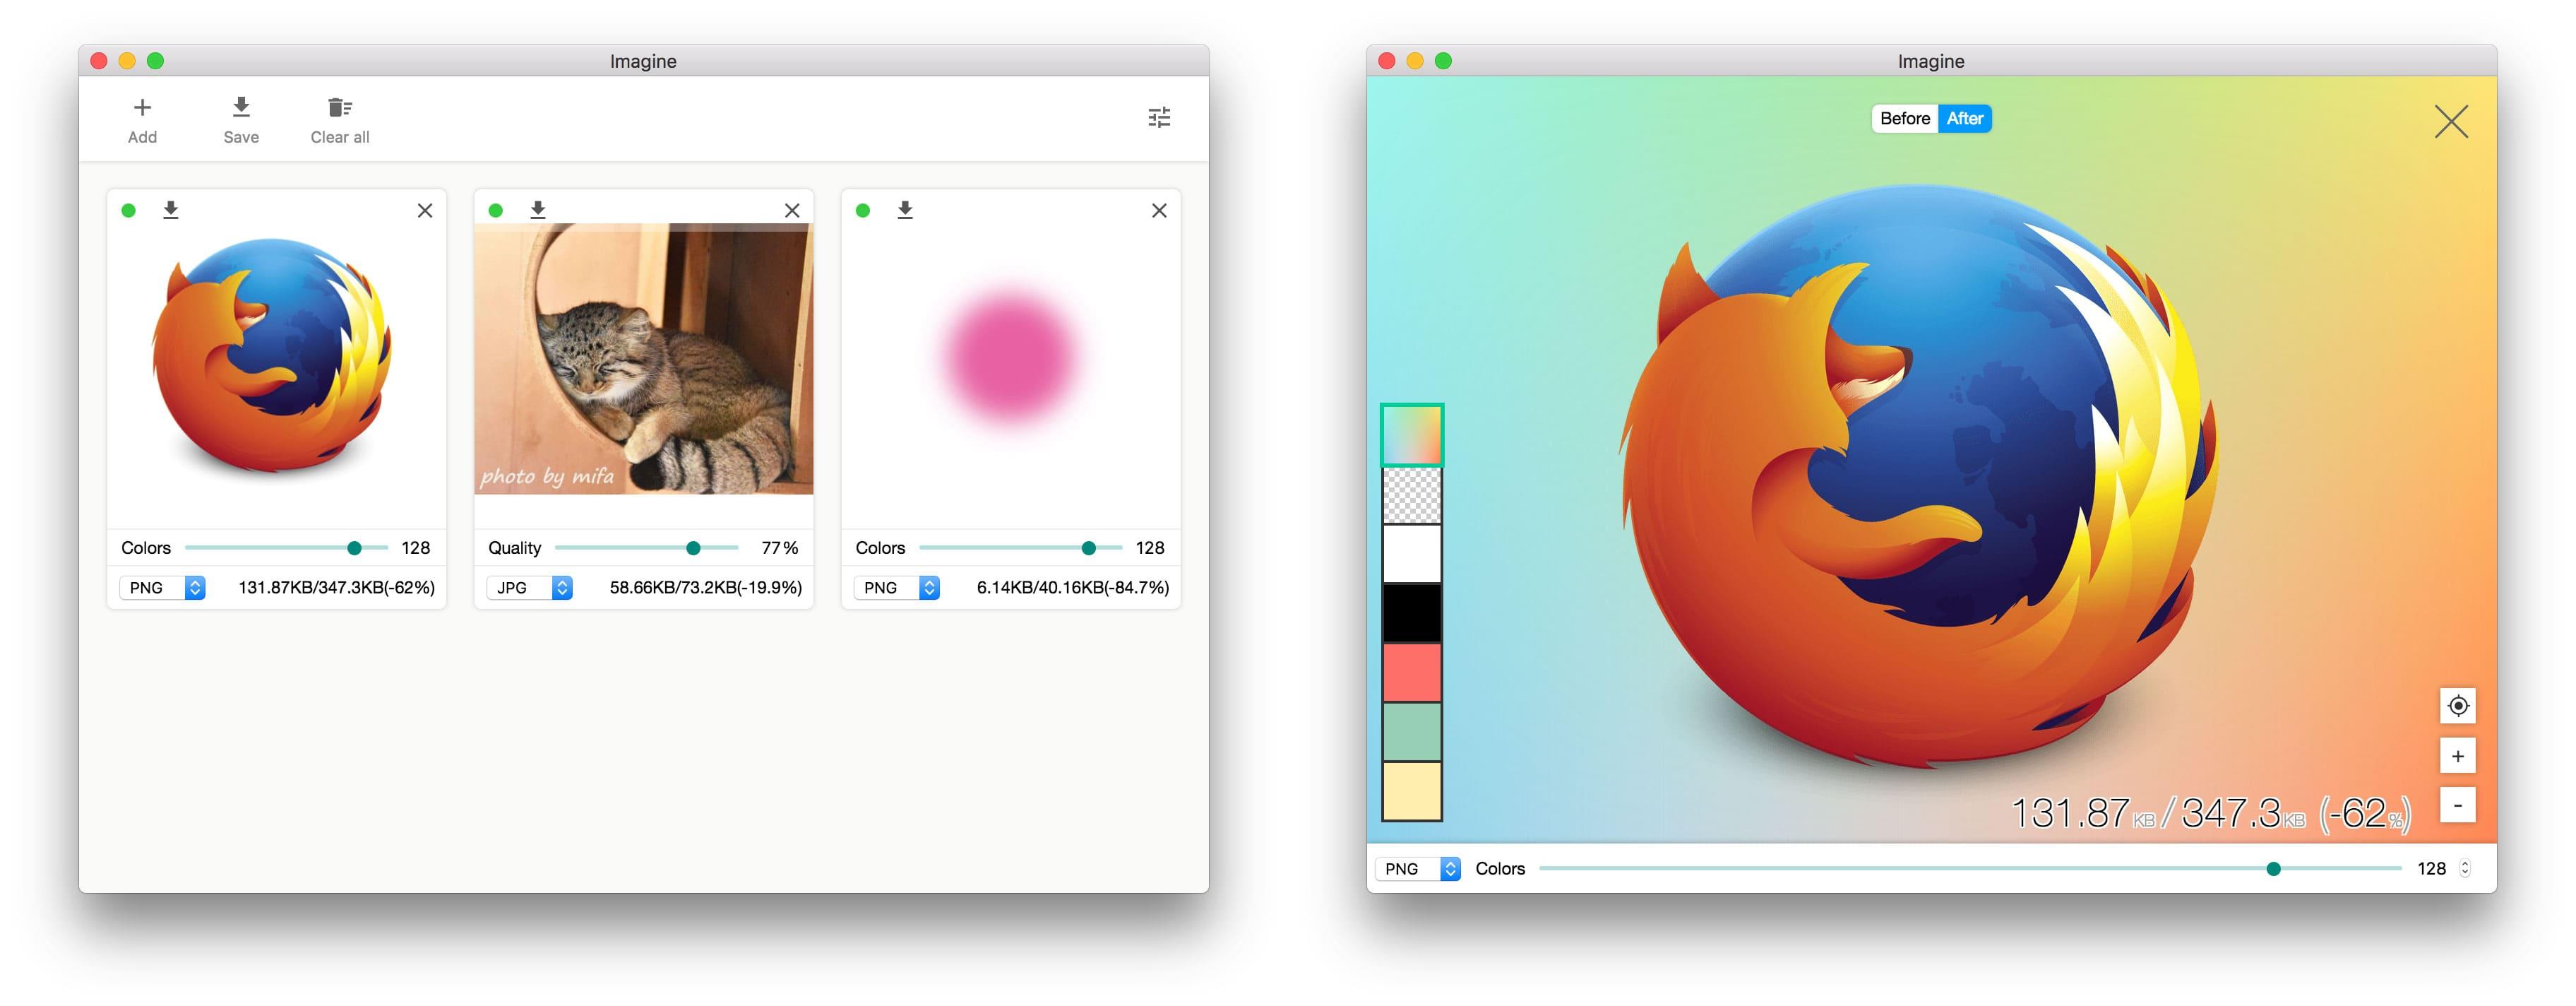 图片压缩/批量无损压缩图片工具:Imagine,Mac/Windows/Linux